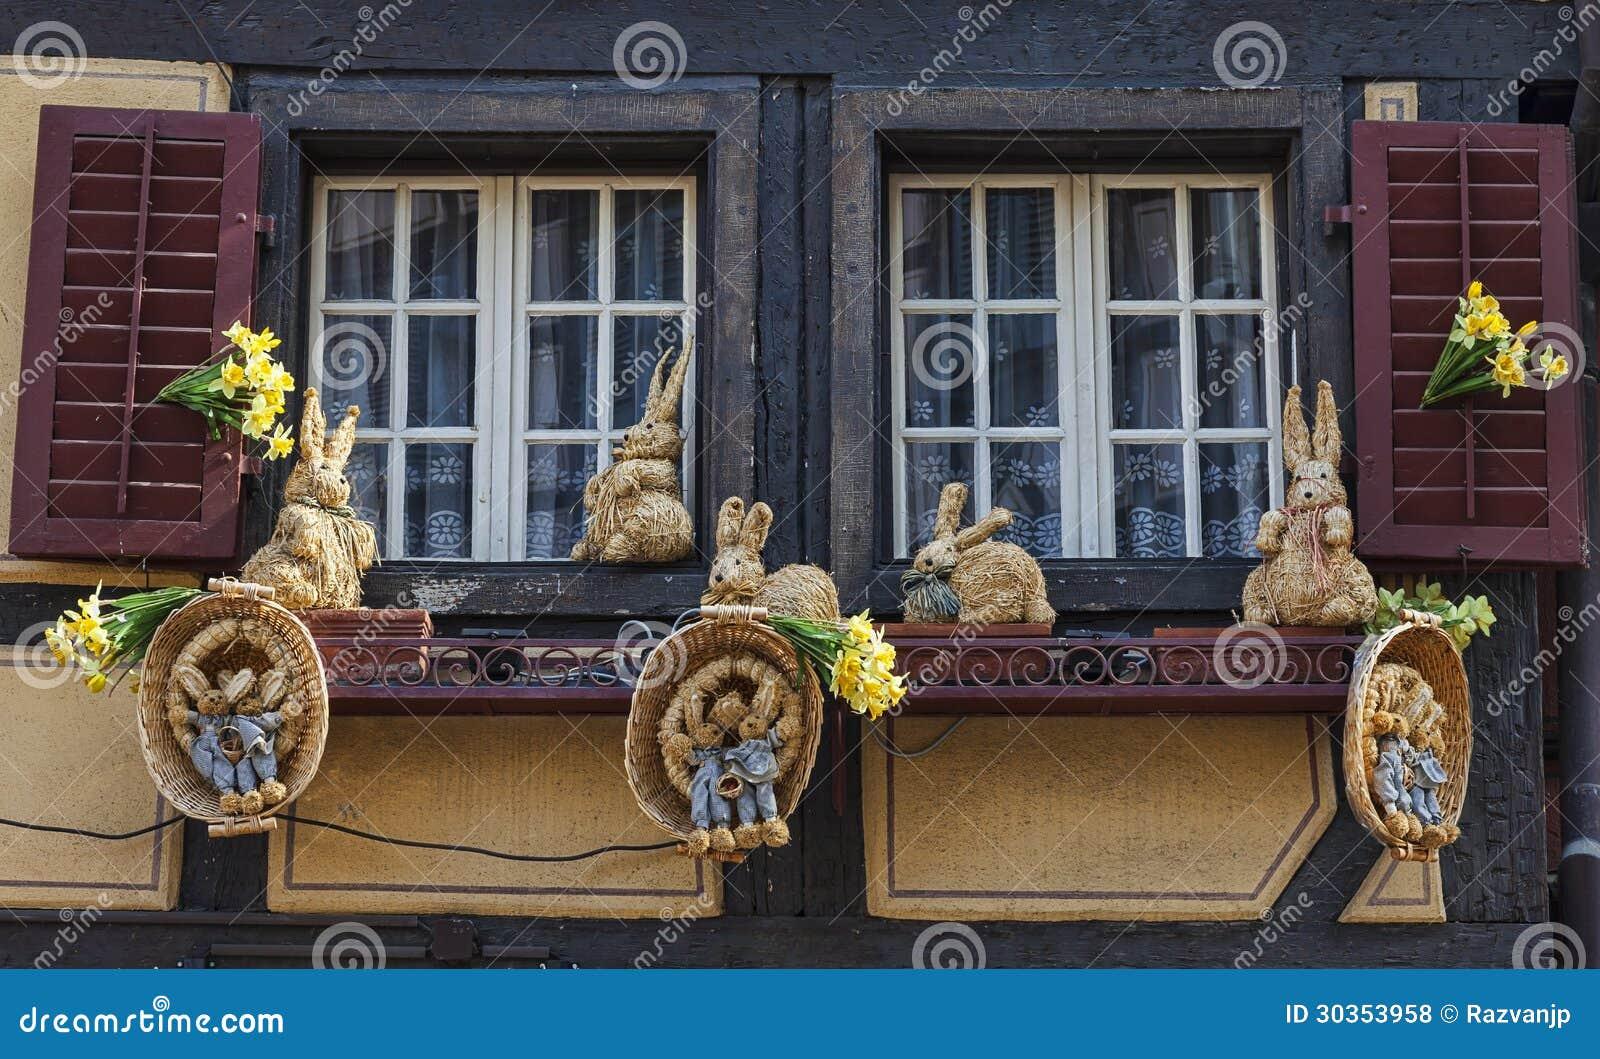 Fen tre avec la d coration de p ques photo stock ditorial for Decoration de la fenetre